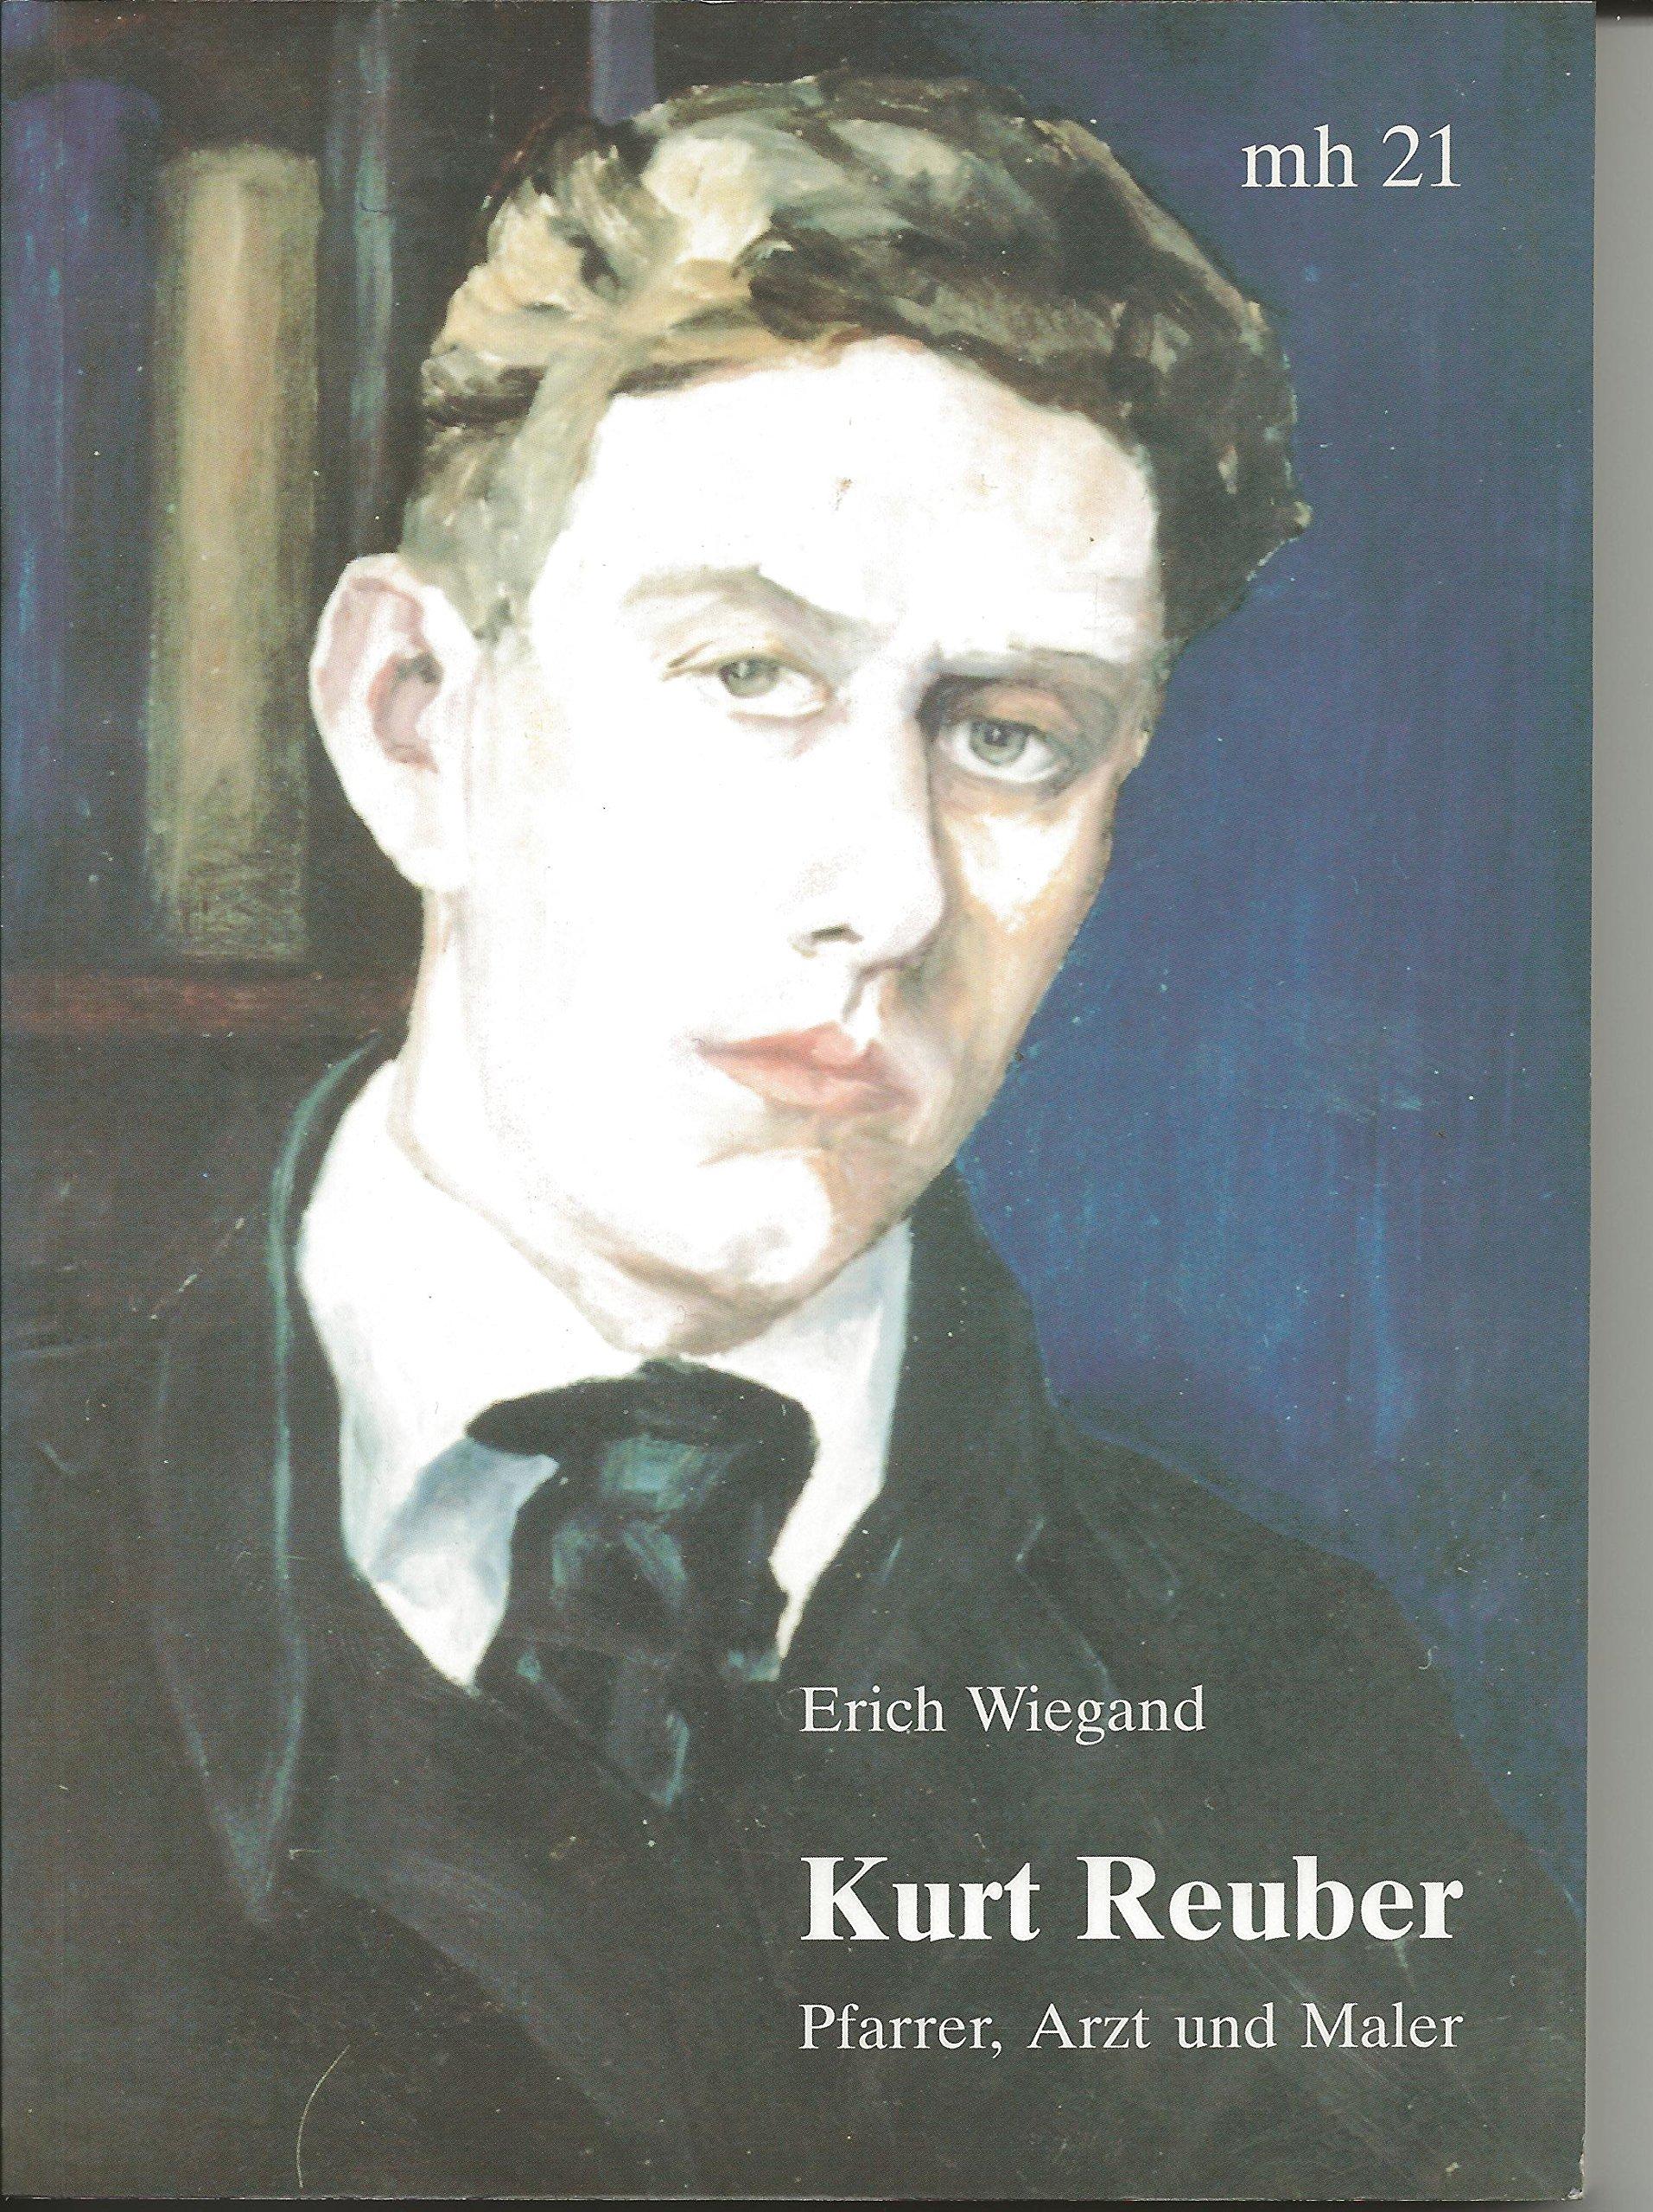 Kurt Reuber: Pfarrer, Arzt und Maler. Eine Biografie des hessischen Pfarrers und Malers der Madonna von Stalingrad (Monographia Hassiae)